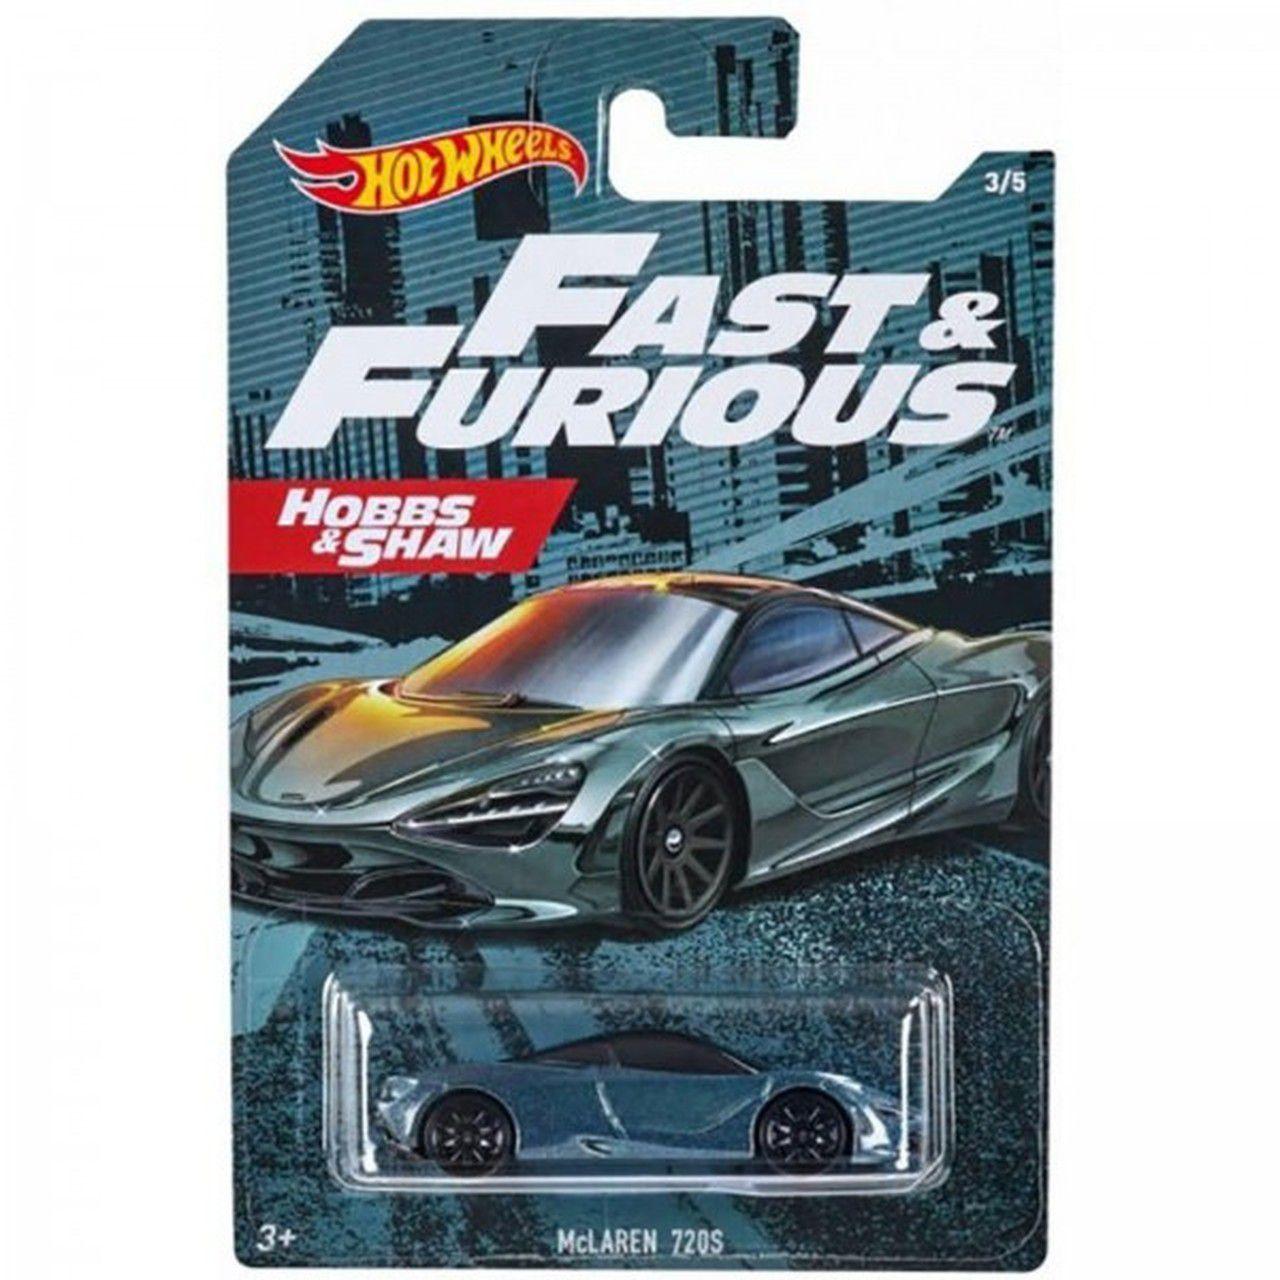 Carrinho McLaren 720s: Velozes e Furiosos Hobbs & Shaw (Fast & Furious) - Hot Wheels